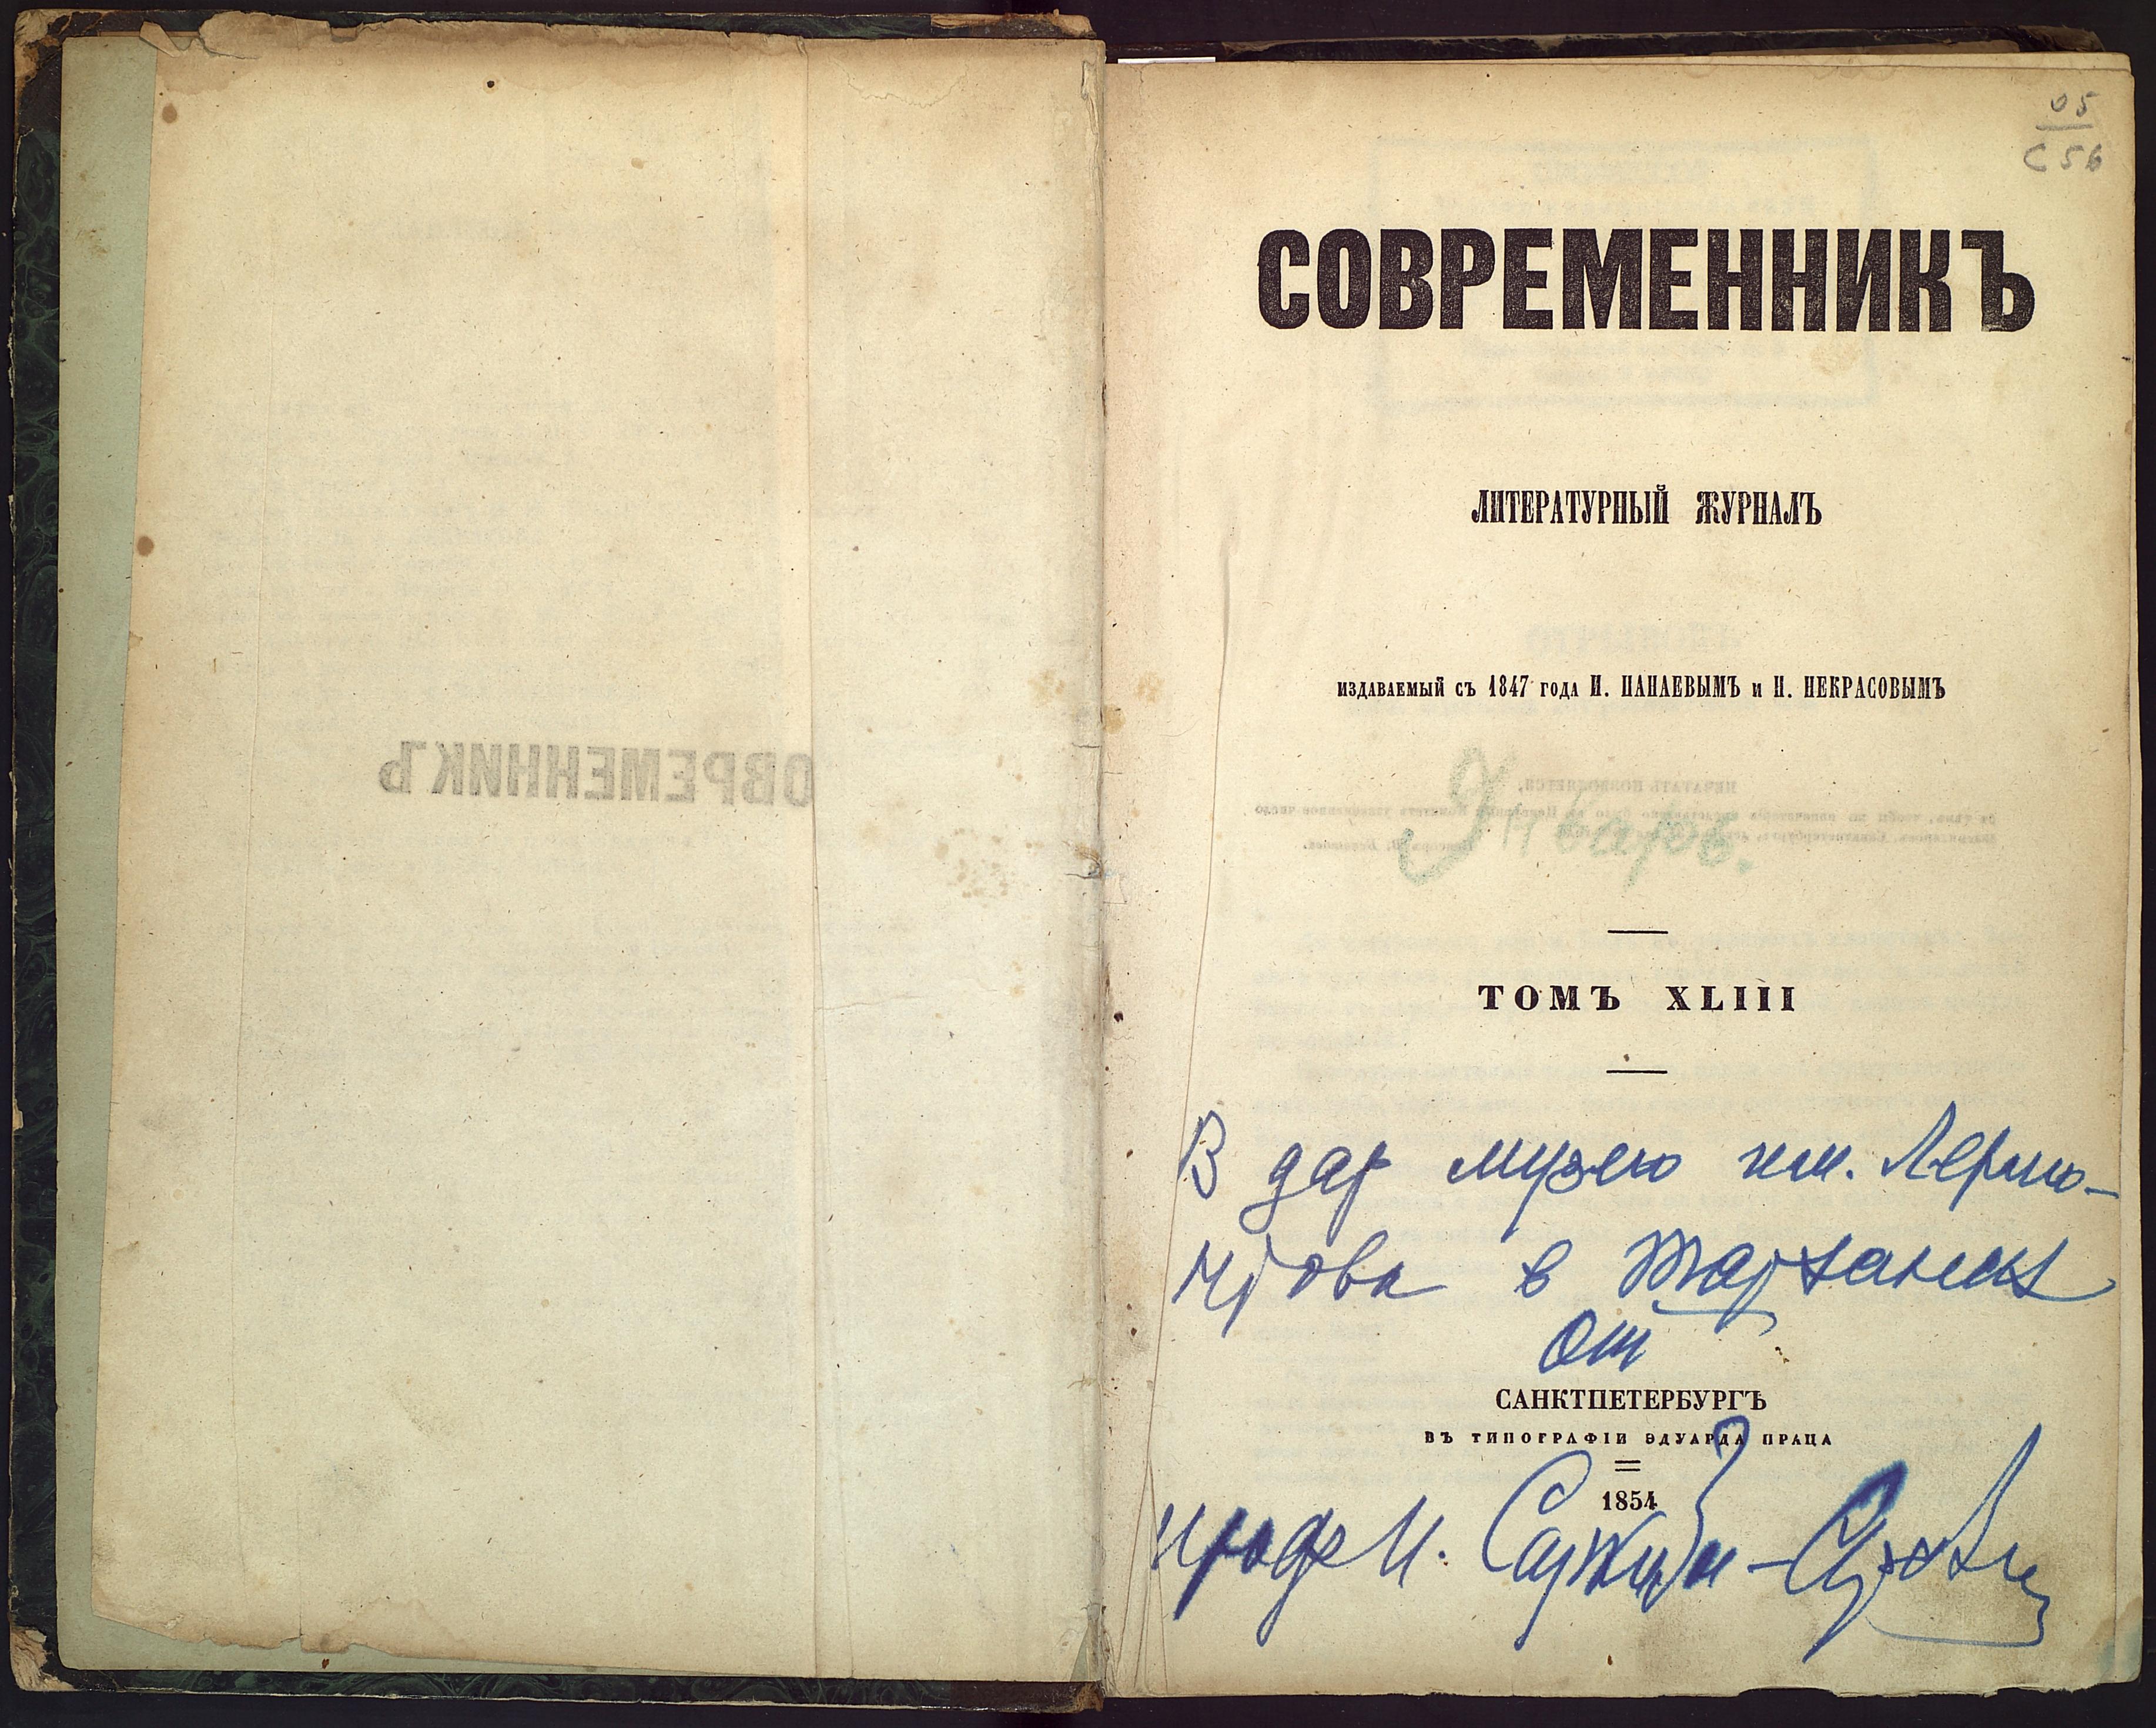 ЛОК-6616 ТАРХАНЫ КП-12873  Журнал Современник. Т.43._2